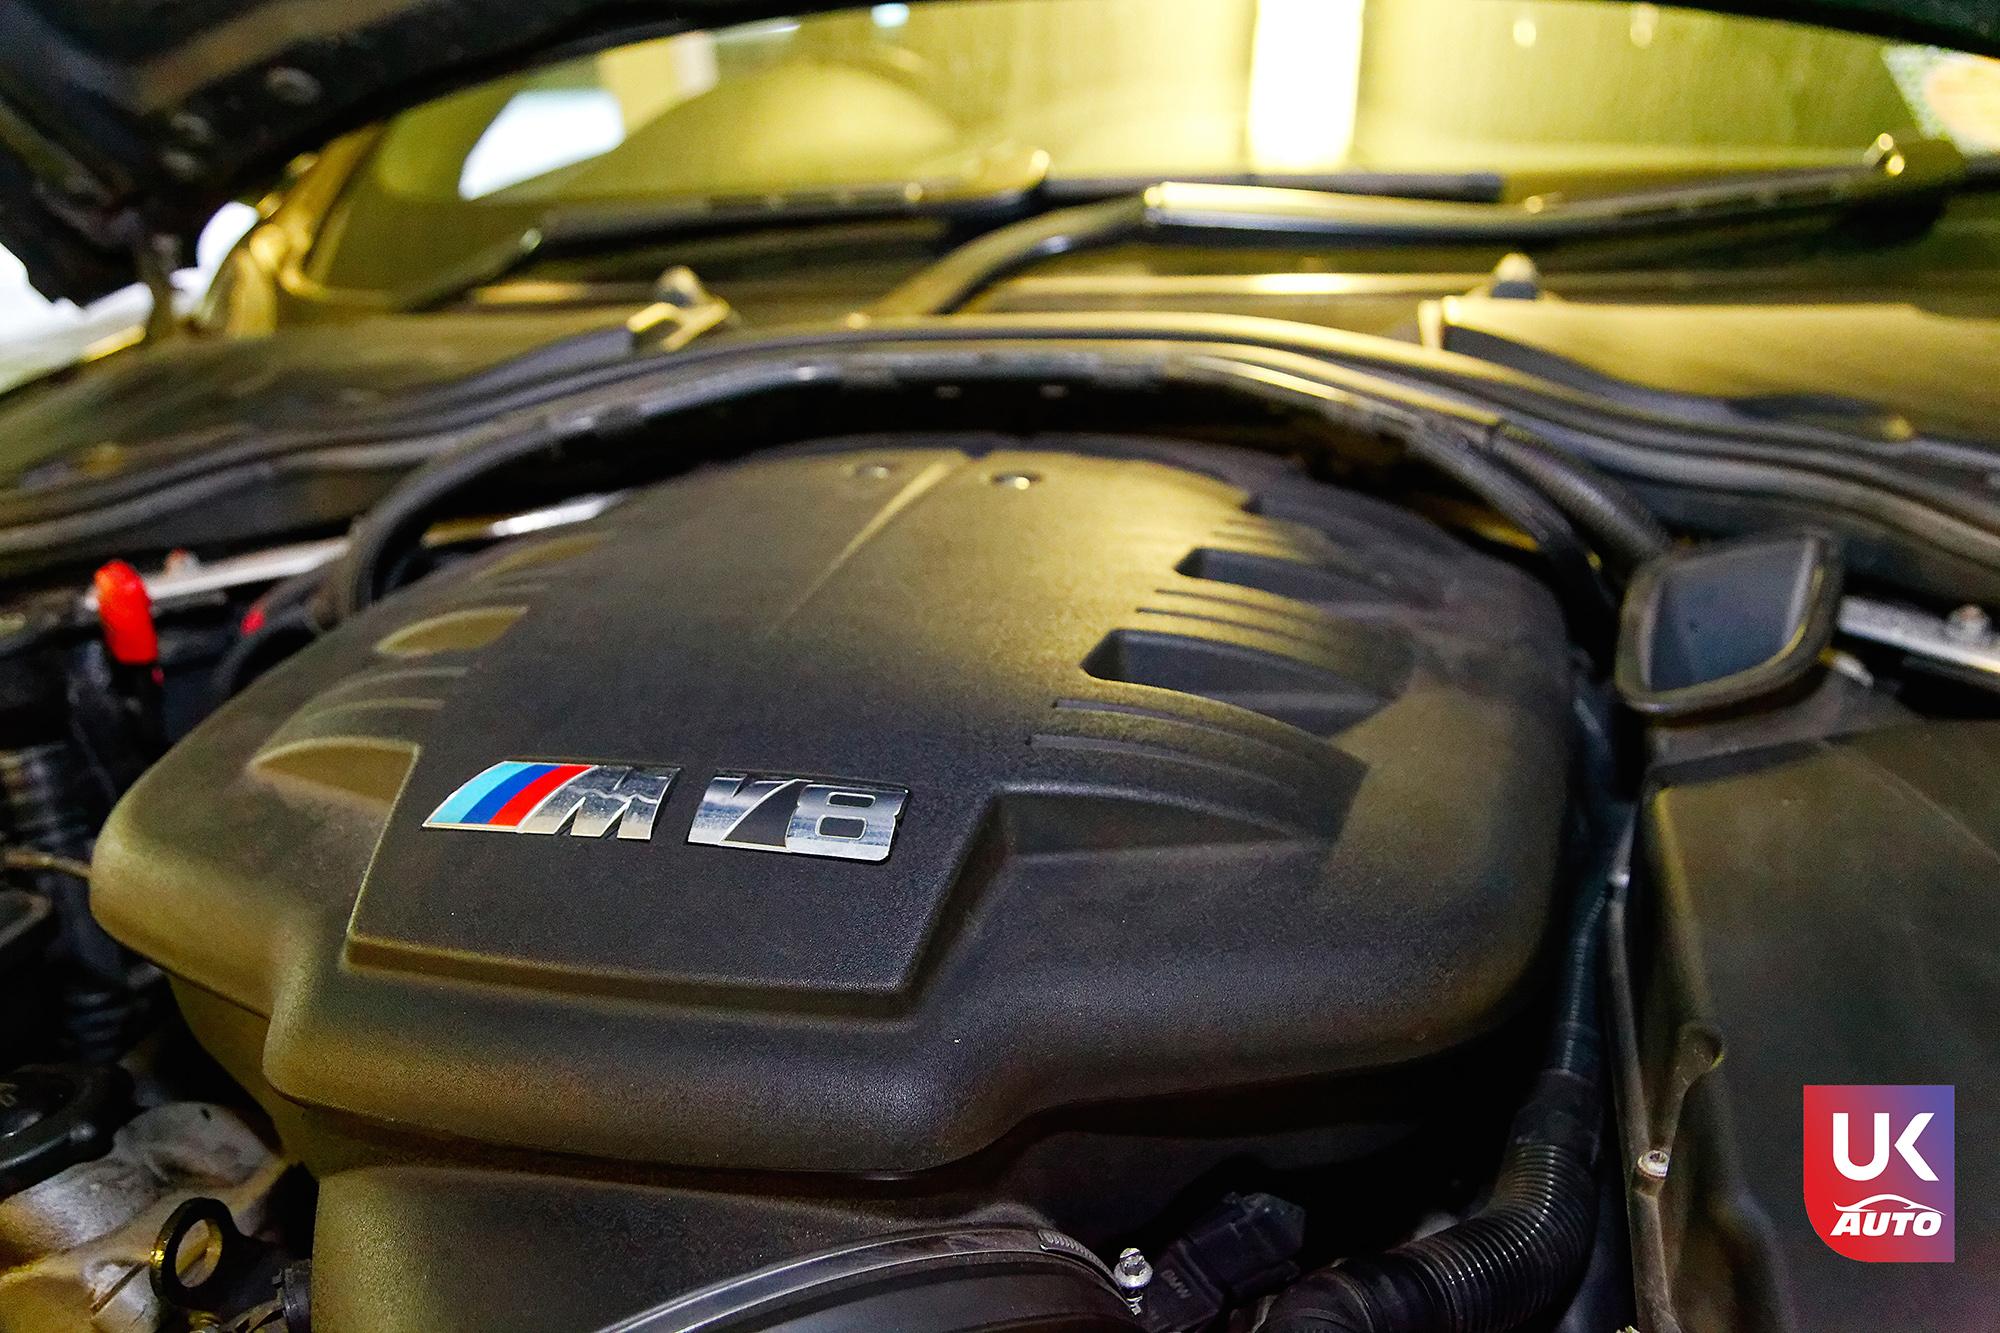 BMW m3 rhd ukauto importer voiture angleterre uk10 - Felecitation a Sylvain Pour cette BMW M3 E92 RHD pour avoir acheter une voiture en angleterre avant le brexit